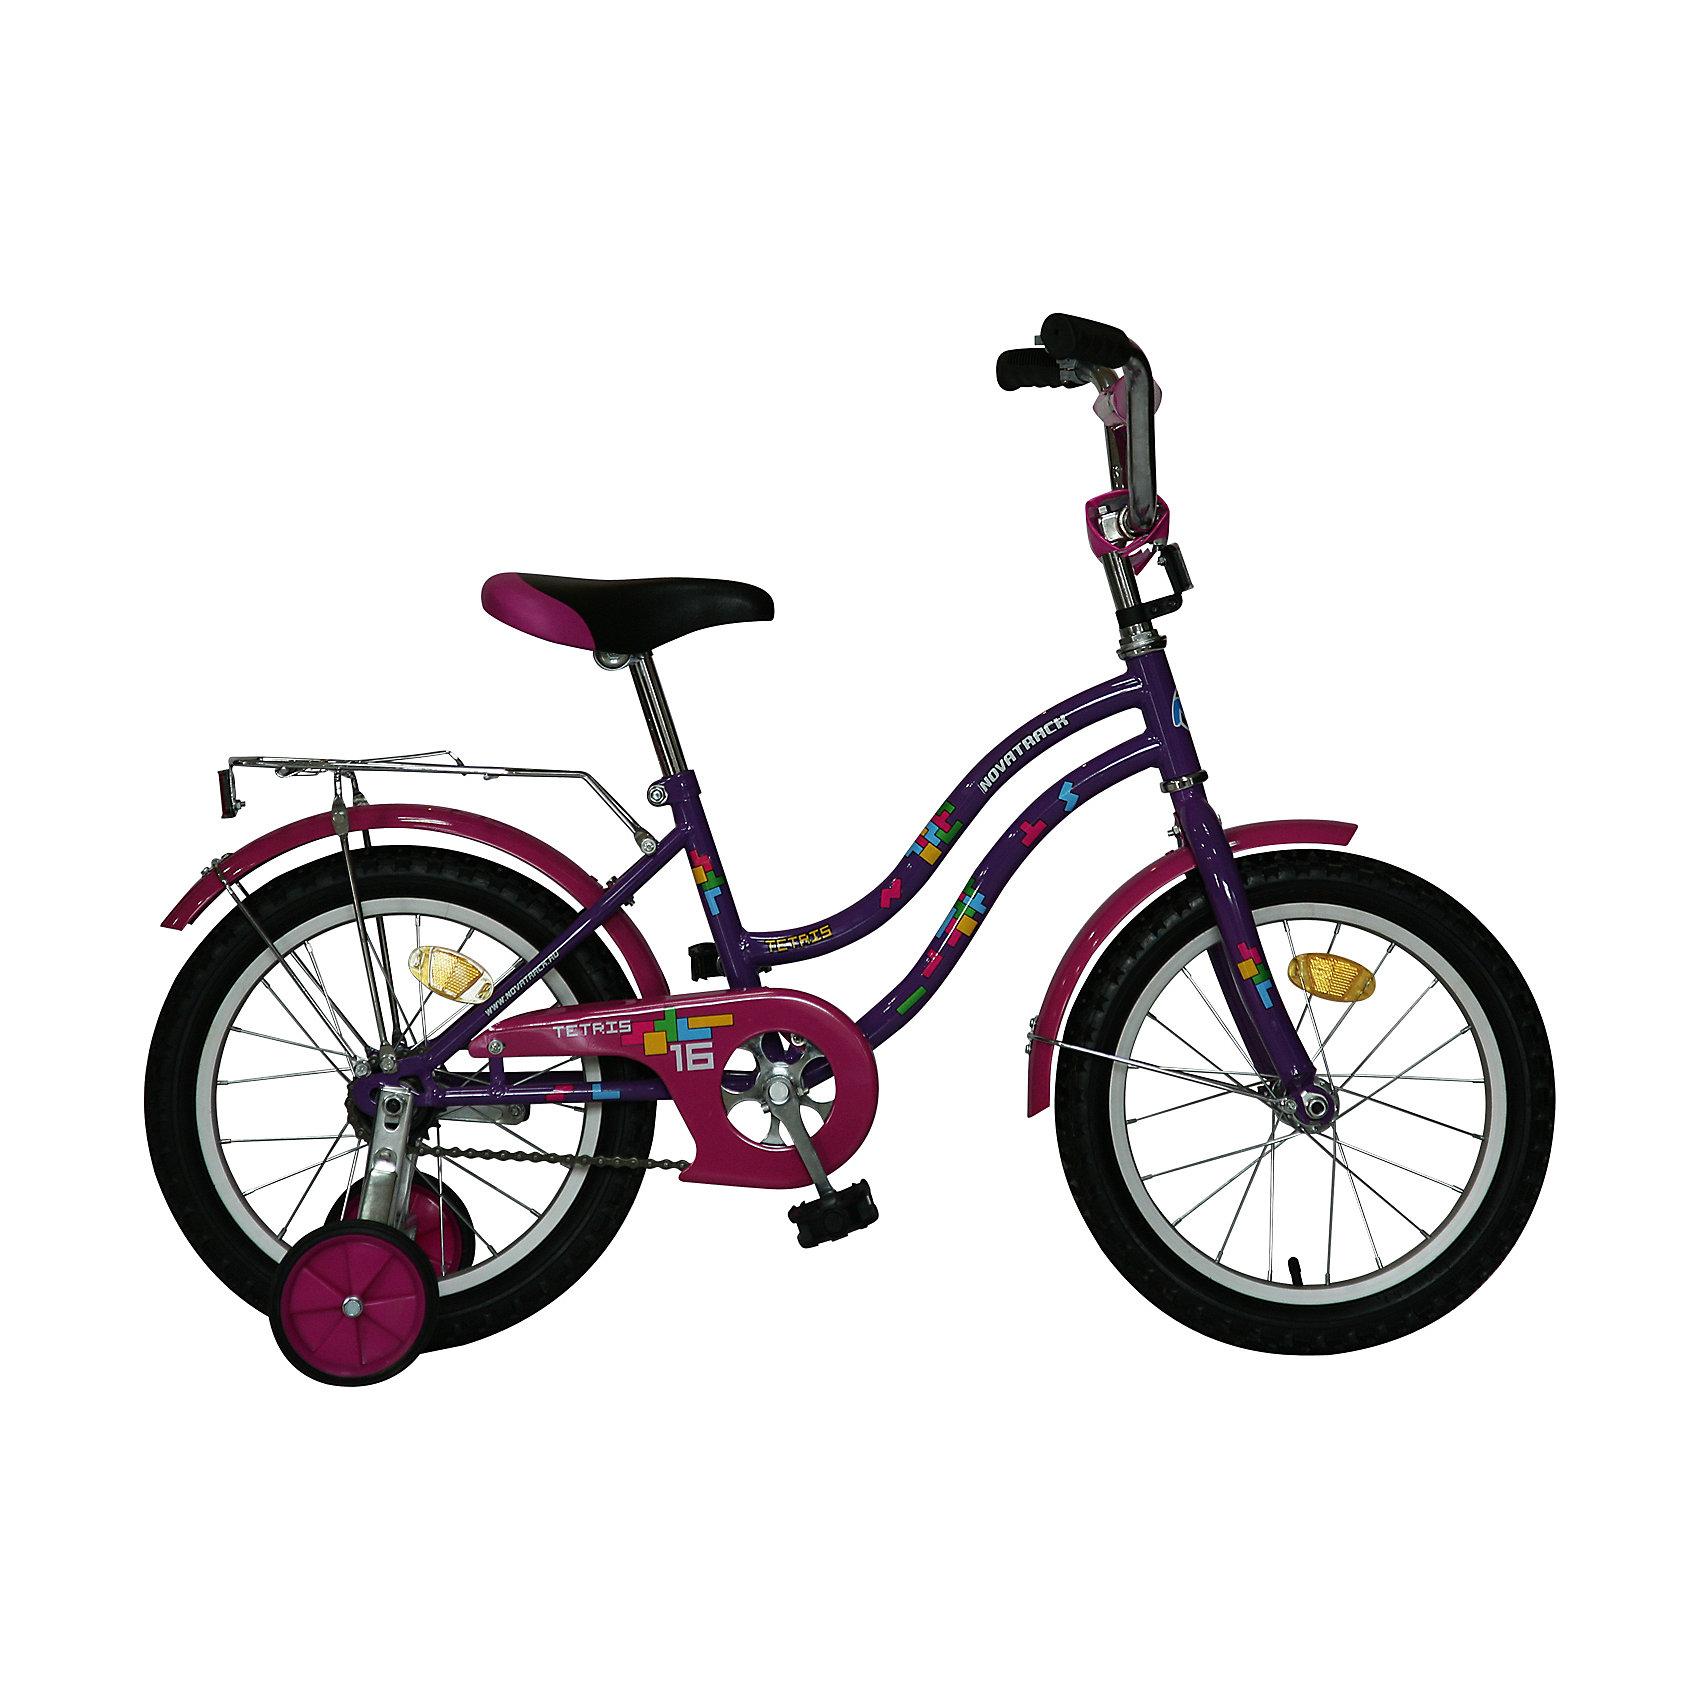 Велосипед TETRIS, фиолетовый, 16 дюймов, NovatrackВелосипеды детские<br>Хотите, чтобы ваш ребенок как можно быстрее научился кататься на велосипеде? Тогда вам подойдет новинка - Novatrack Tetris 16, предназначенный для детей 5-7 лет. Его универсальная легкая и прочная рама подойдет как мальчикам, так и девочкам. Привлекательный дизайн, надежная сборка, легкость и отличная управляемость – это еще не все плюсы данной модели. Обратите внимание на багажник с зажимом – обязательный атрибут любого детского велосипеда, ведь как же еще перевозить свои игрушки и другие нужные мелочи во время прогулок? Для комфортных поездок по сложной трассе либо по пересеченной местности велосипед оборудован двумя дополнительными съемными колесами, благодаря которым маленький наездник будет чувствовать себя увереннее. Ножной тормоз позволит бытро затормозить в случае необходимости. А крылья в цвет велосипеда защитят ребенка от брызг во время езды.<br><br>Ширина мм: 900<br>Глубина мм: 180<br>Высота мм: 420<br>Вес г: 12000<br>Возраст от месяцев: 60<br>Возраст до месяцев: 84<br>Пол: Унисекс<br>Возраст: Детский<br>SKU: 5613208